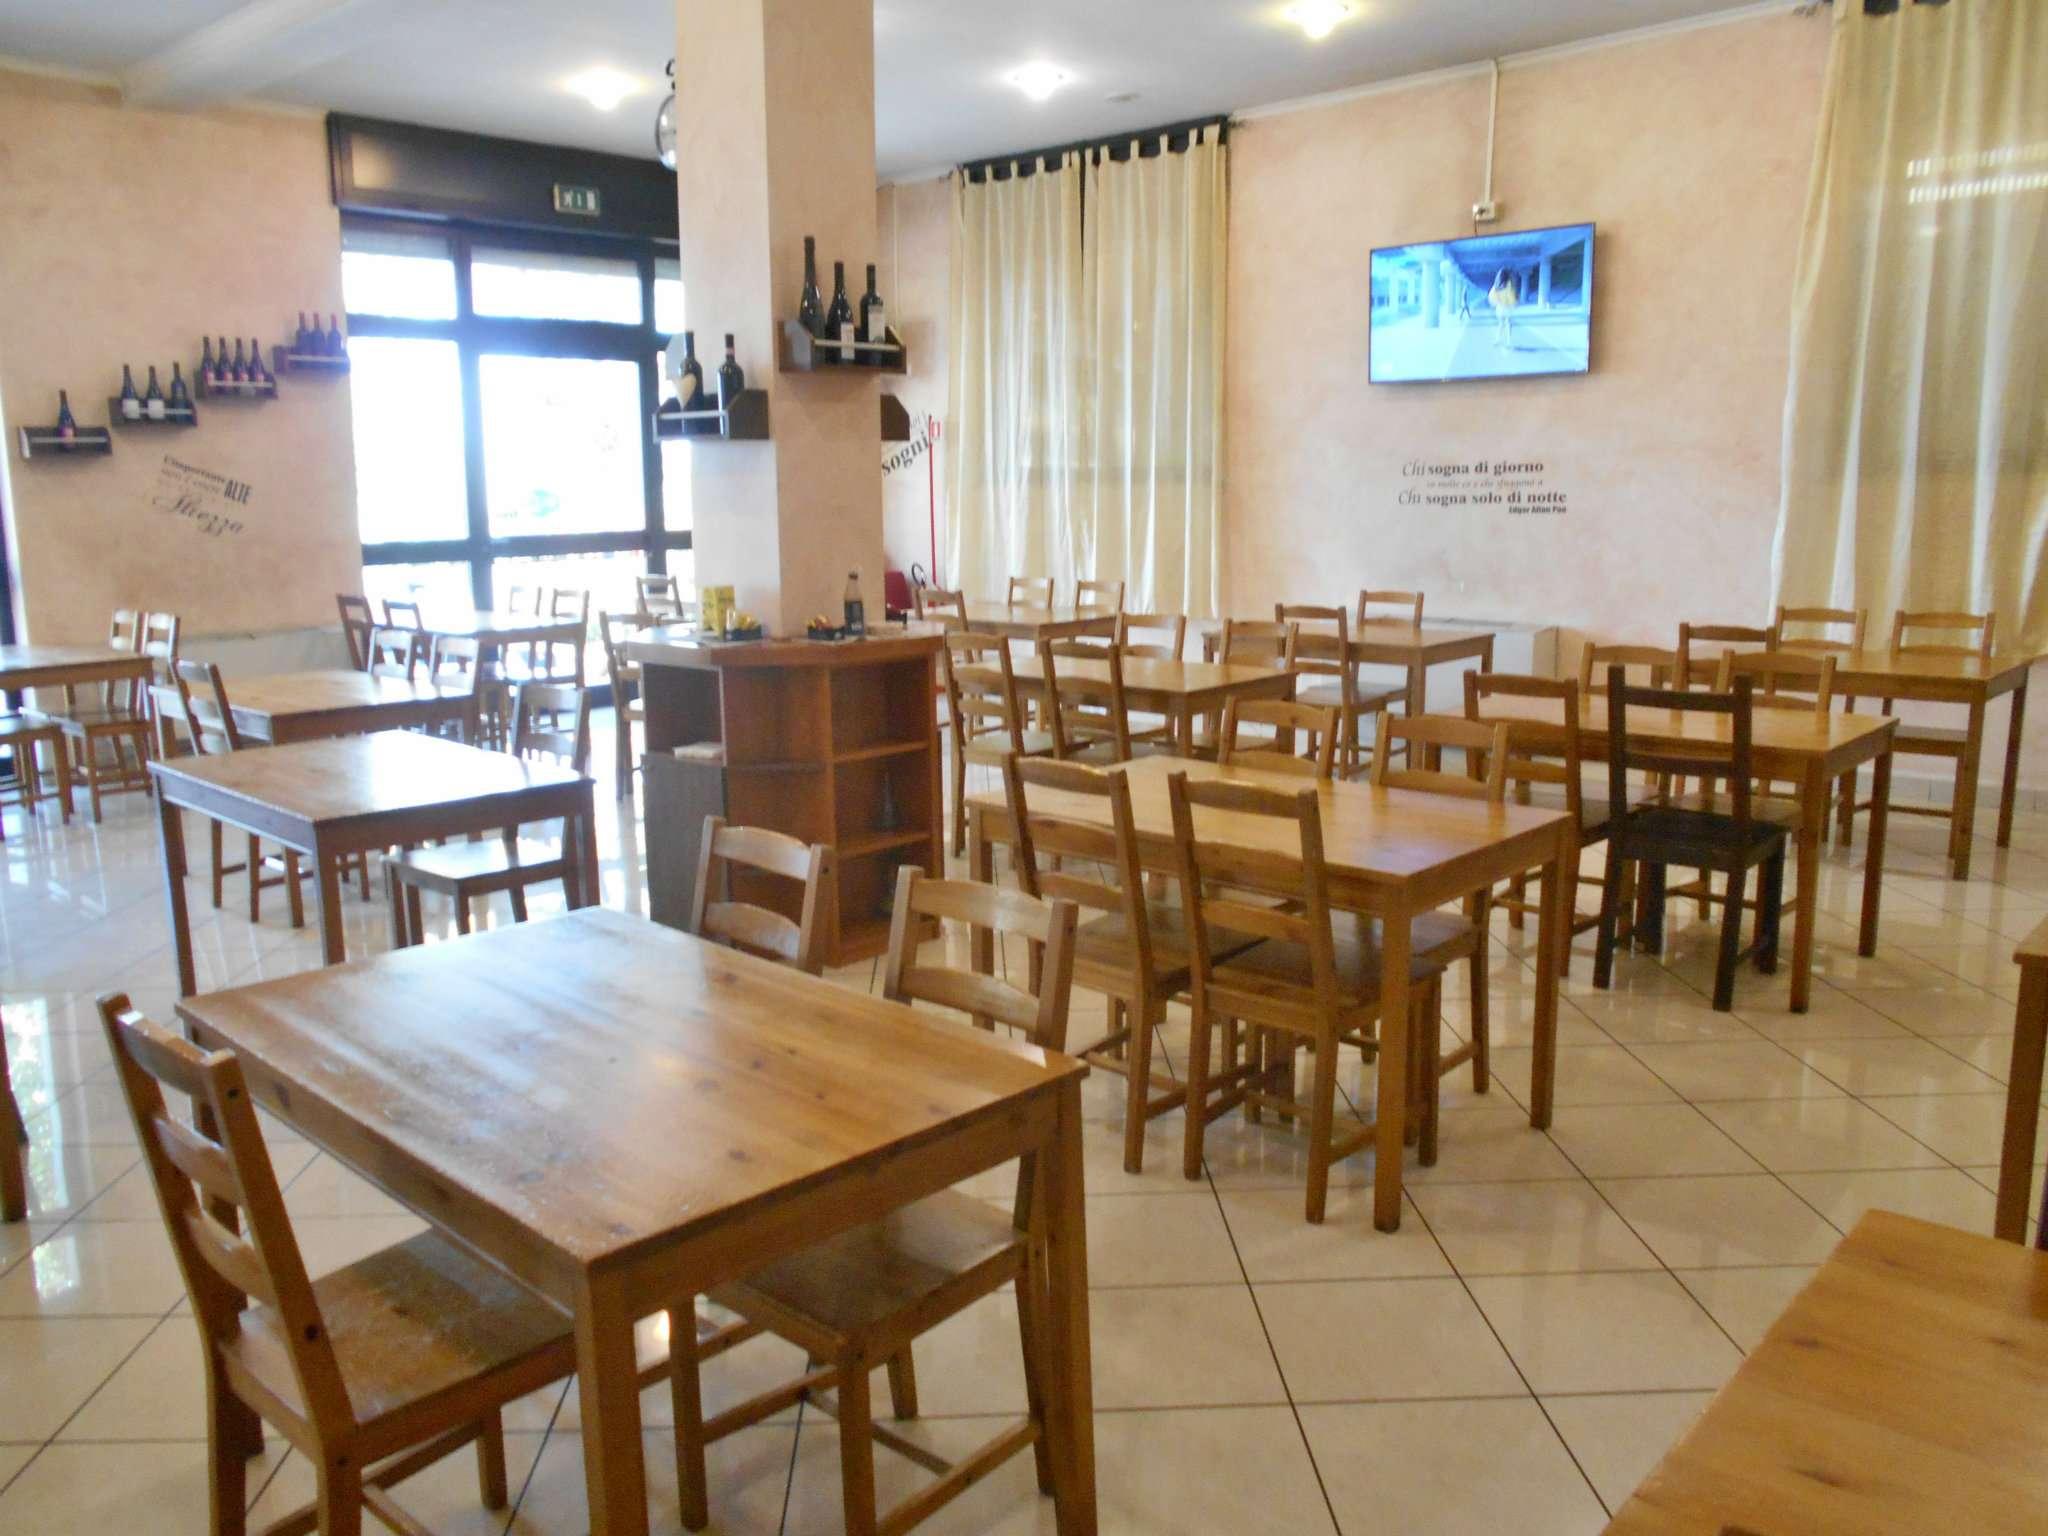 Ristorante / Pizzeria / Trattoria in affitto a San Cesareo, 5 locali, prezzo € 2.900 | CambioCasa.it